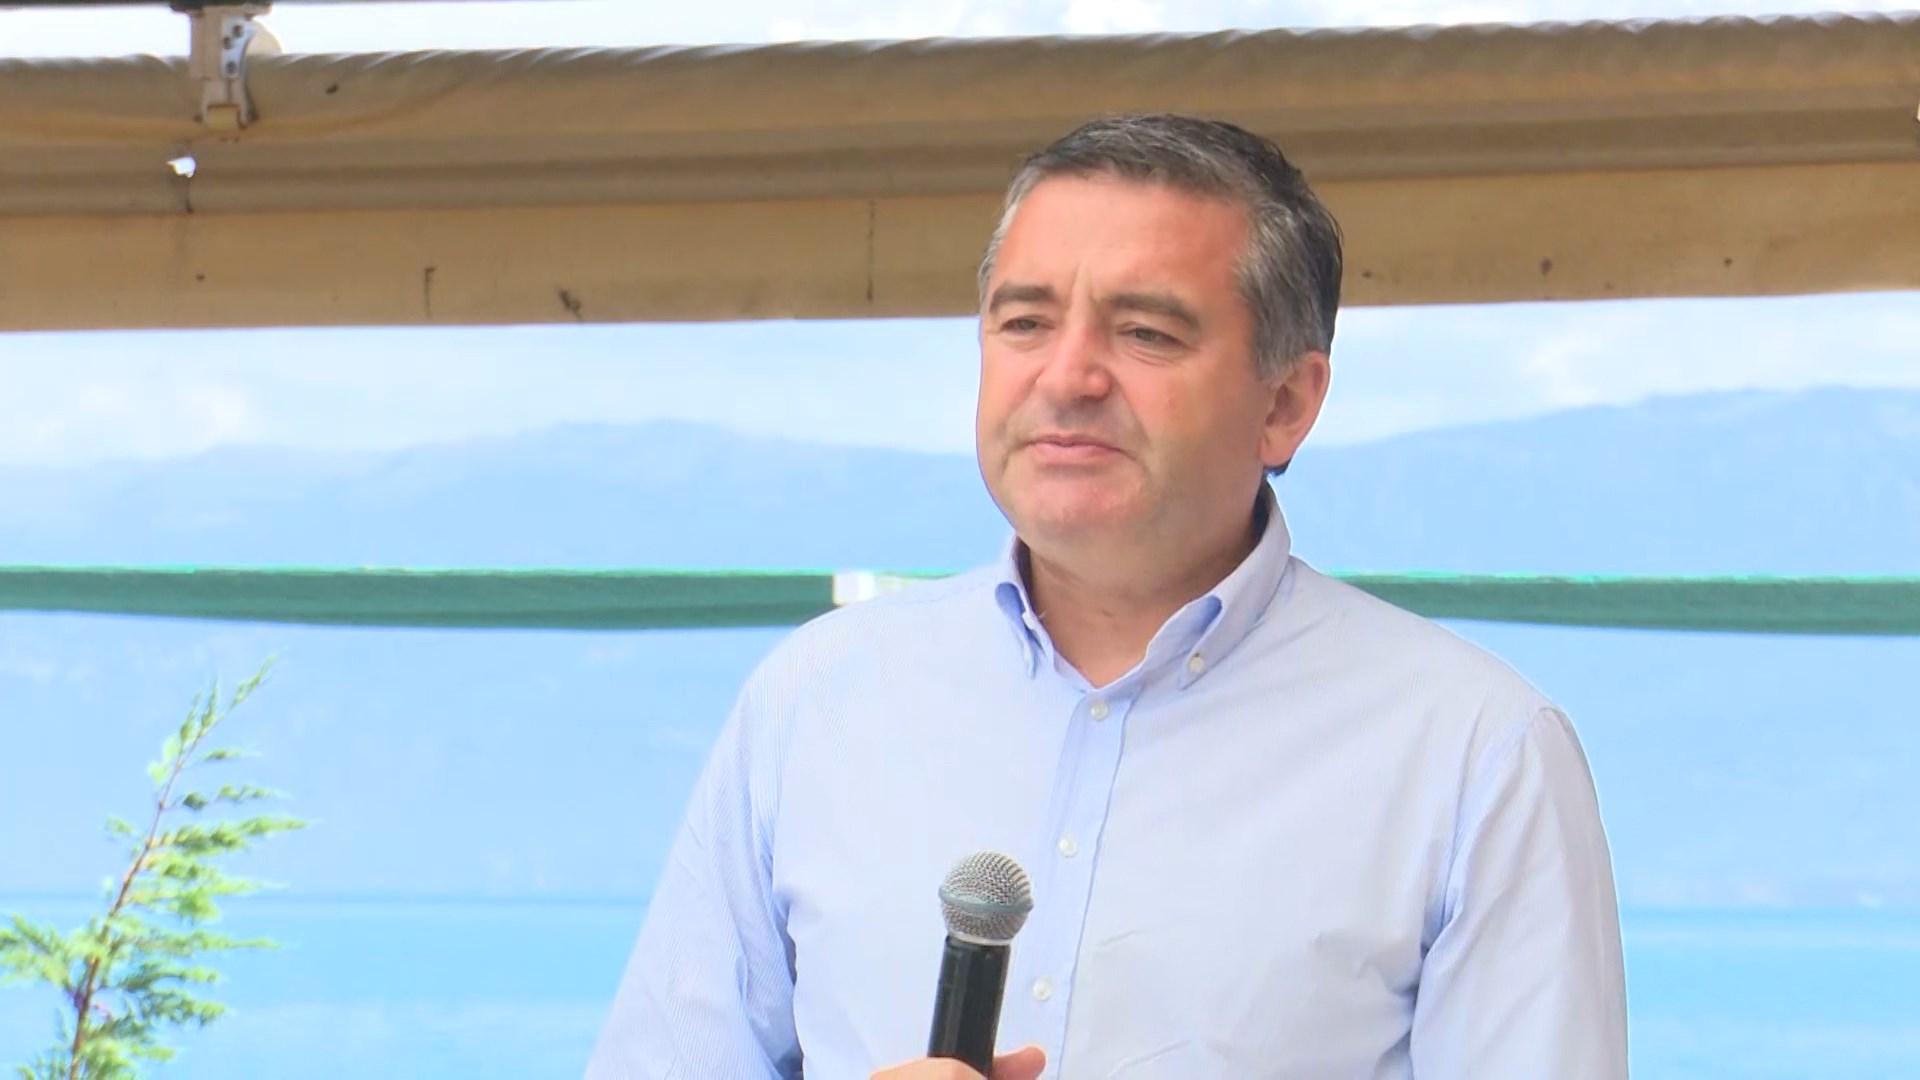 Hapet sezoni turistik në Berat, Klosi: Lumenjtë s'janë kosha plehrash, të dënohet çdo paligjshmëri